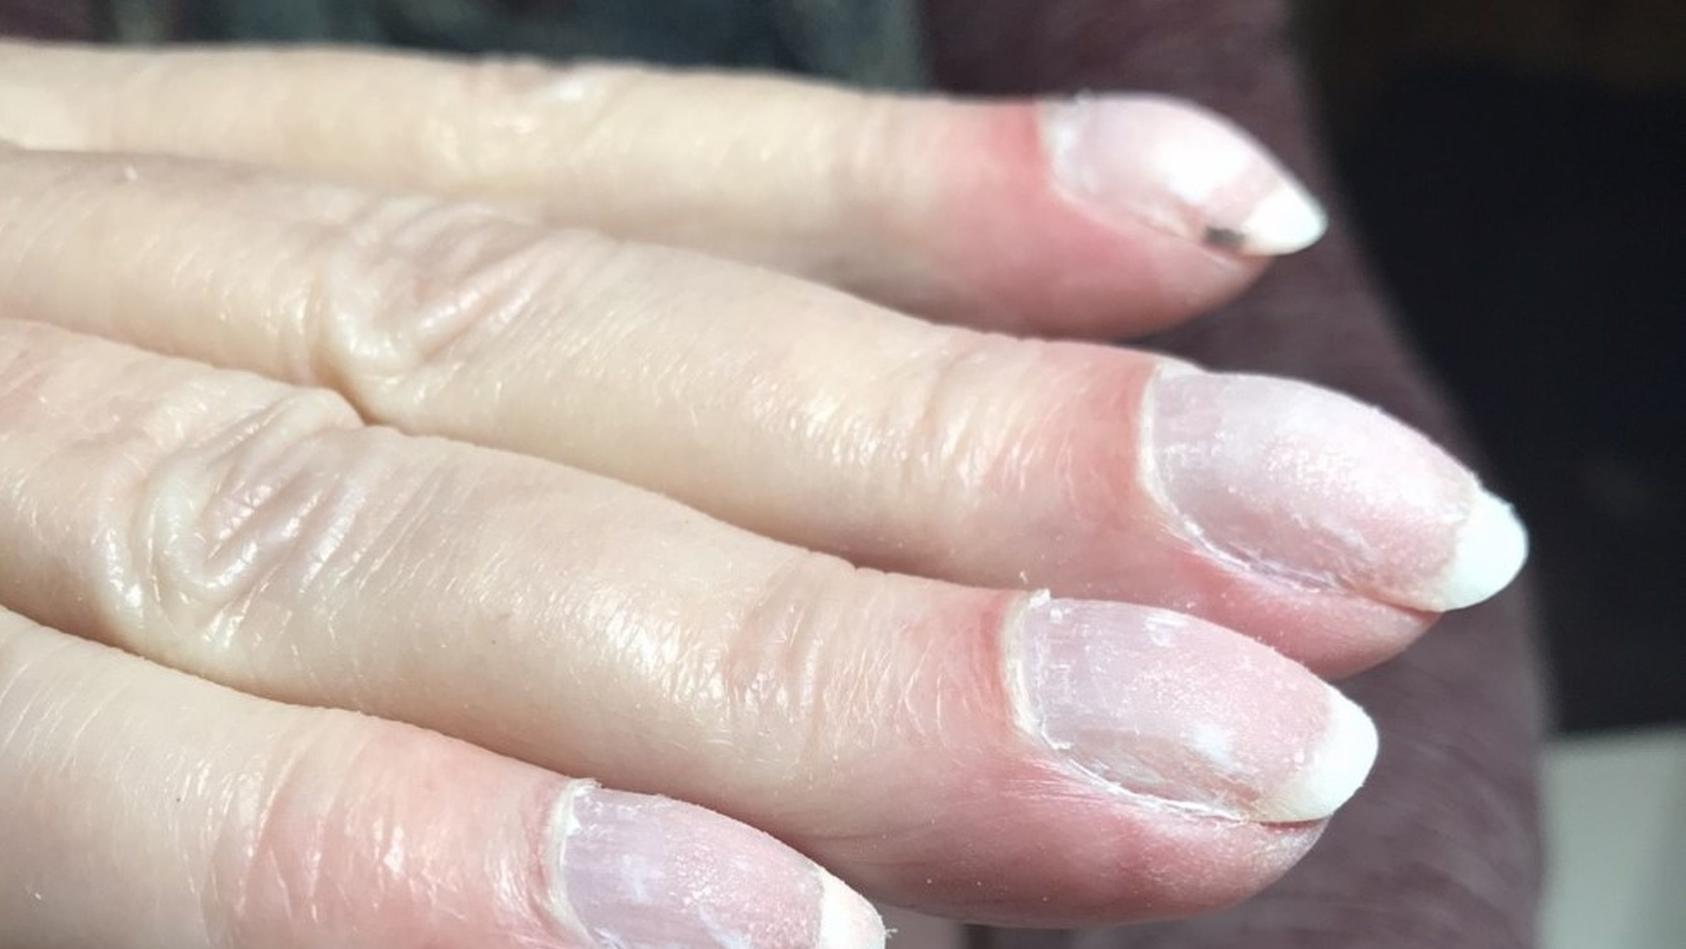 Die Fingernägel von Joan Martindale zeigten besorgniserregende Veränderungen.